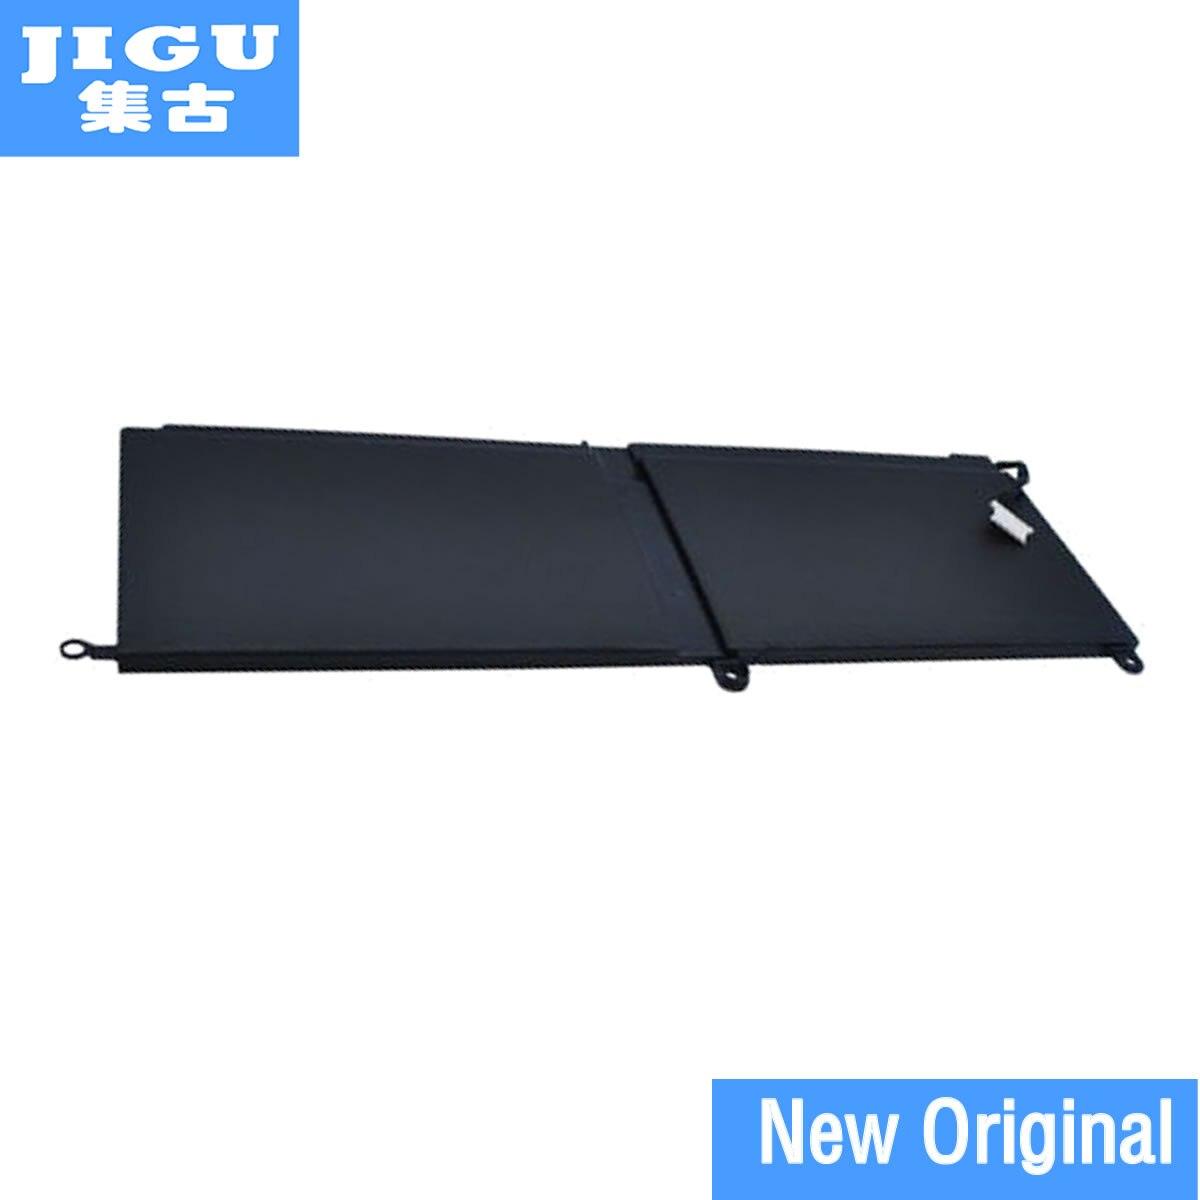 JIGU D'origine batterie d'ordinateur portable 753329-1C1 753703-005 HSTNN-I19C HSTNN-IB6E KK04XL HSTNN-I19C pour HP Pro x2 612 G1 Tablette